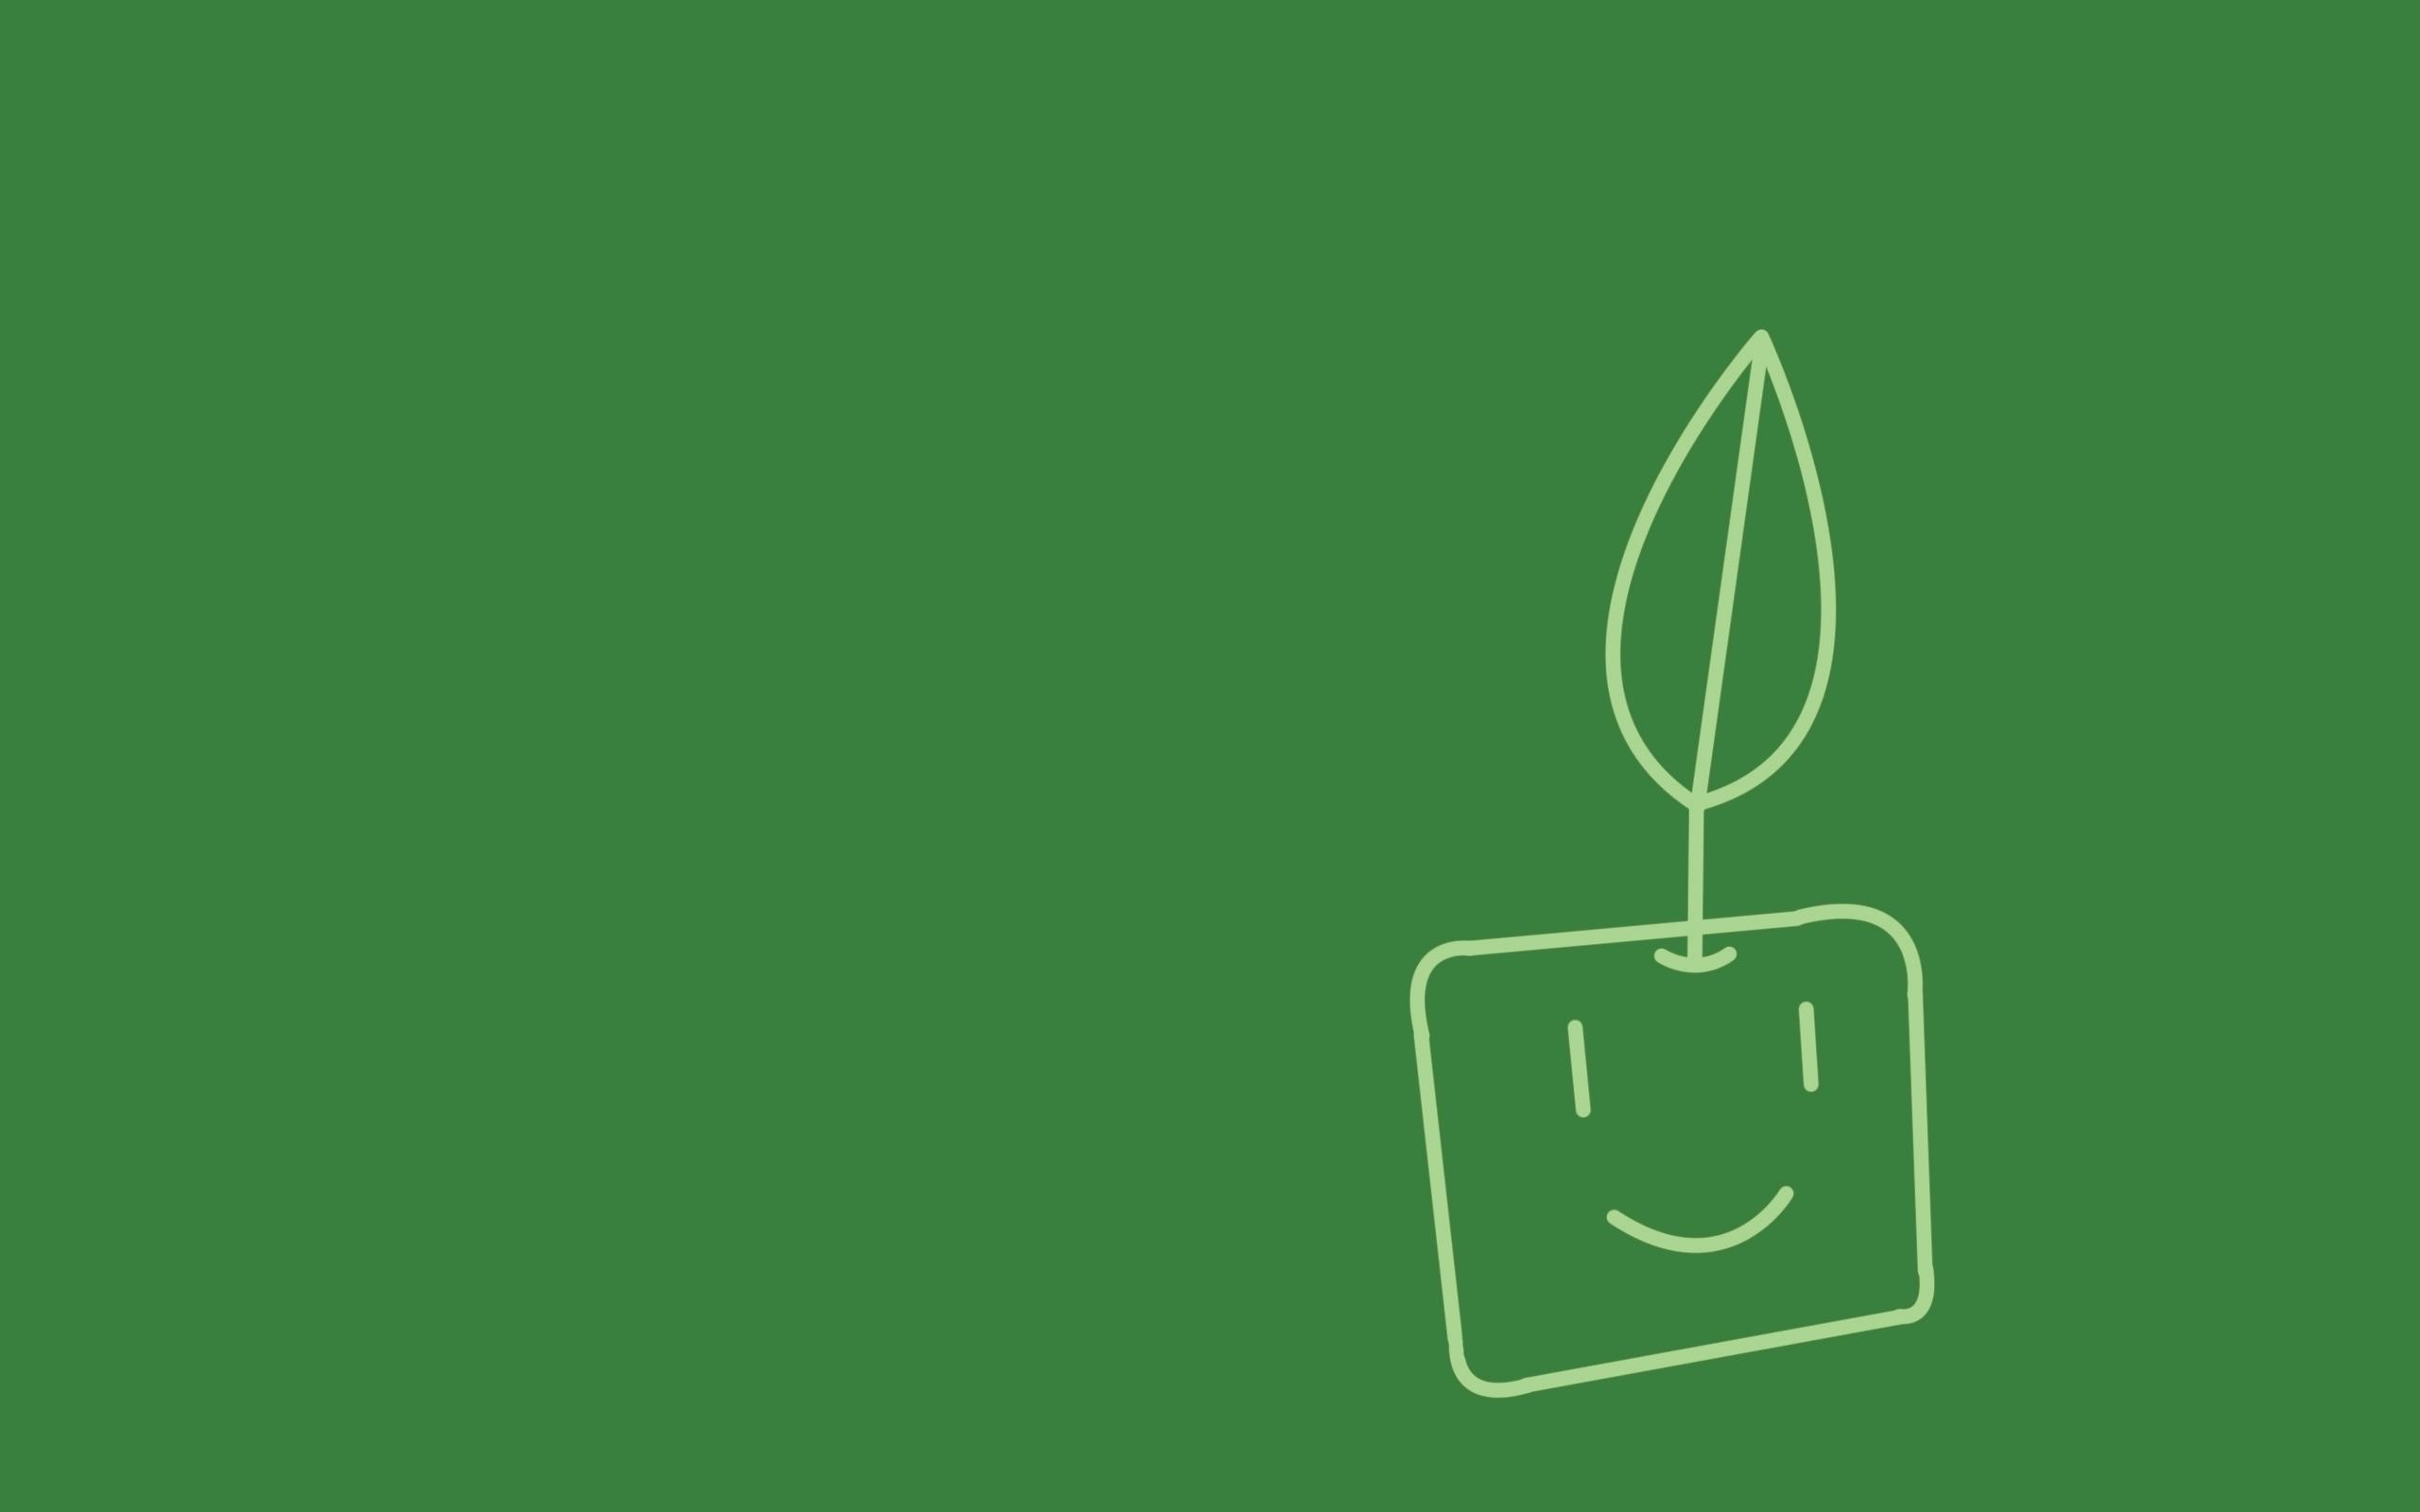 Minimalistic plants artwork (2560x1600)